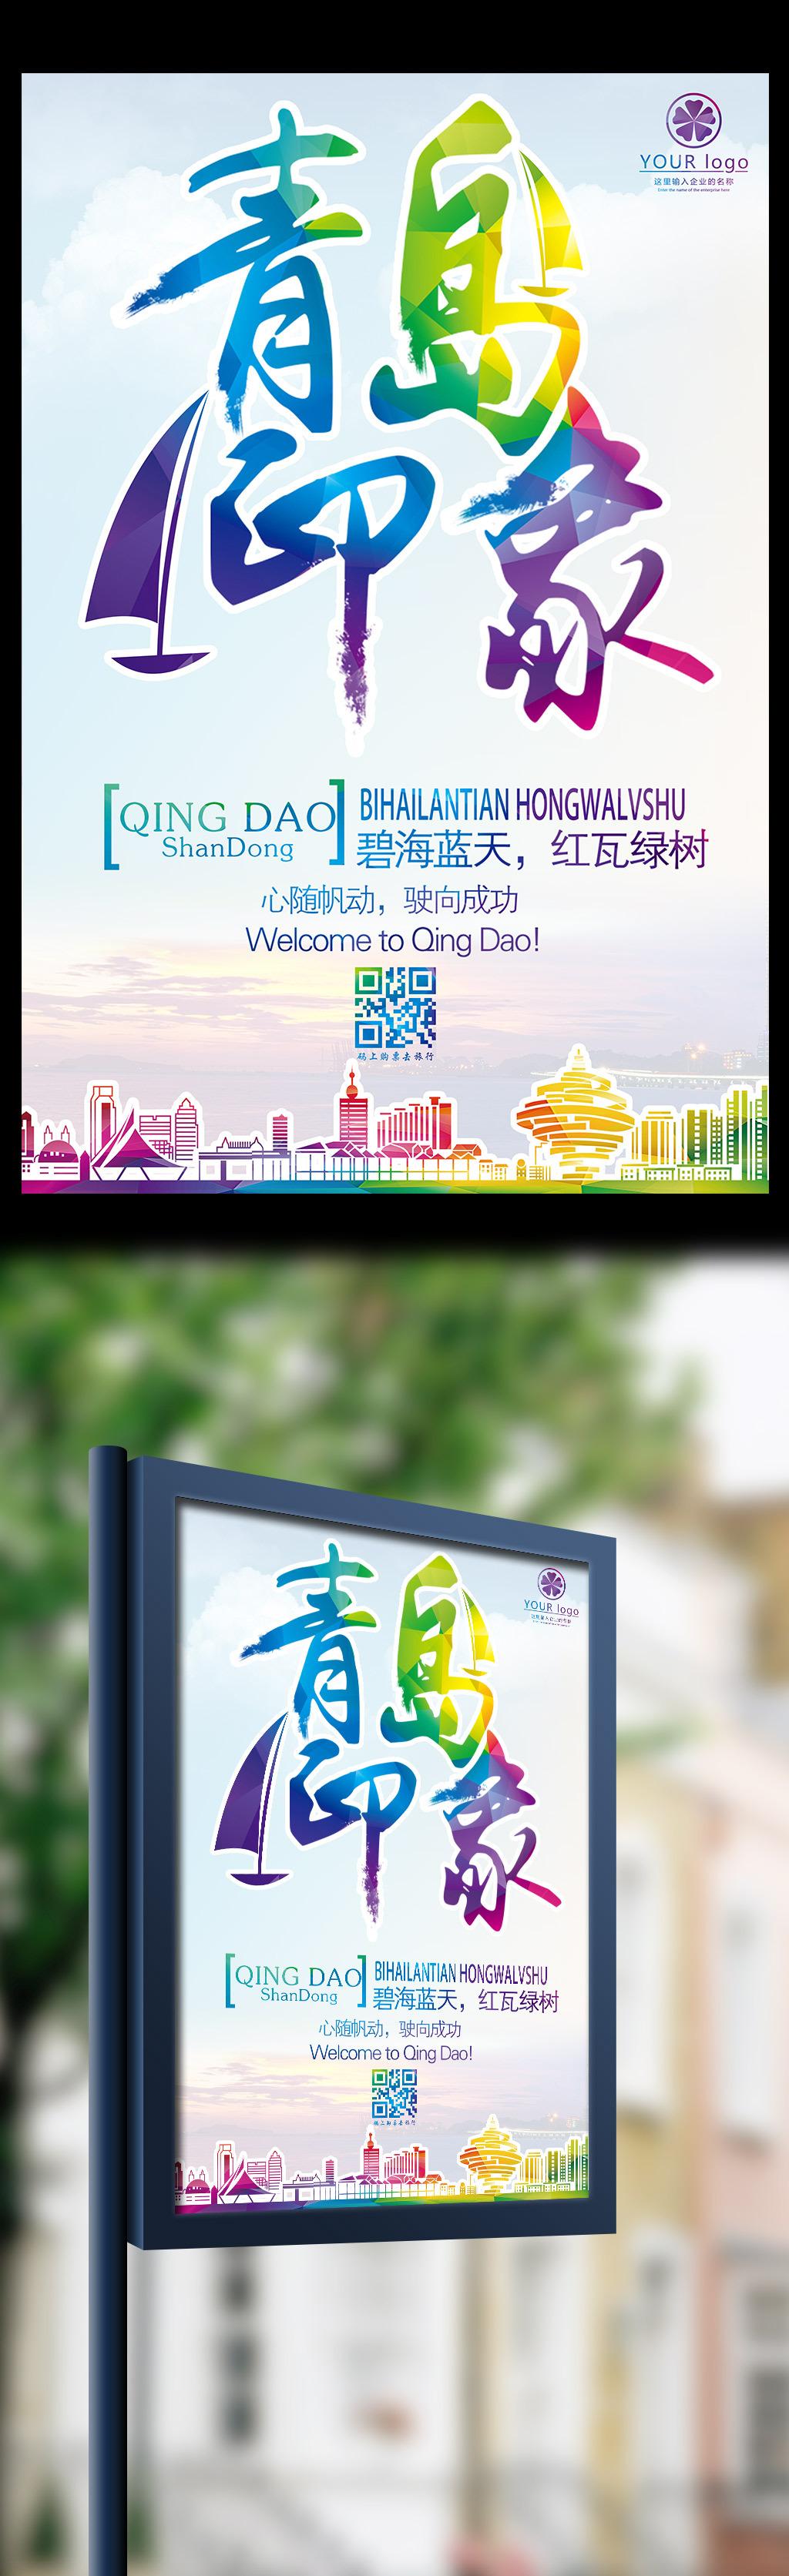 旅游宣传青岛印象国内旅游宣传海报模板